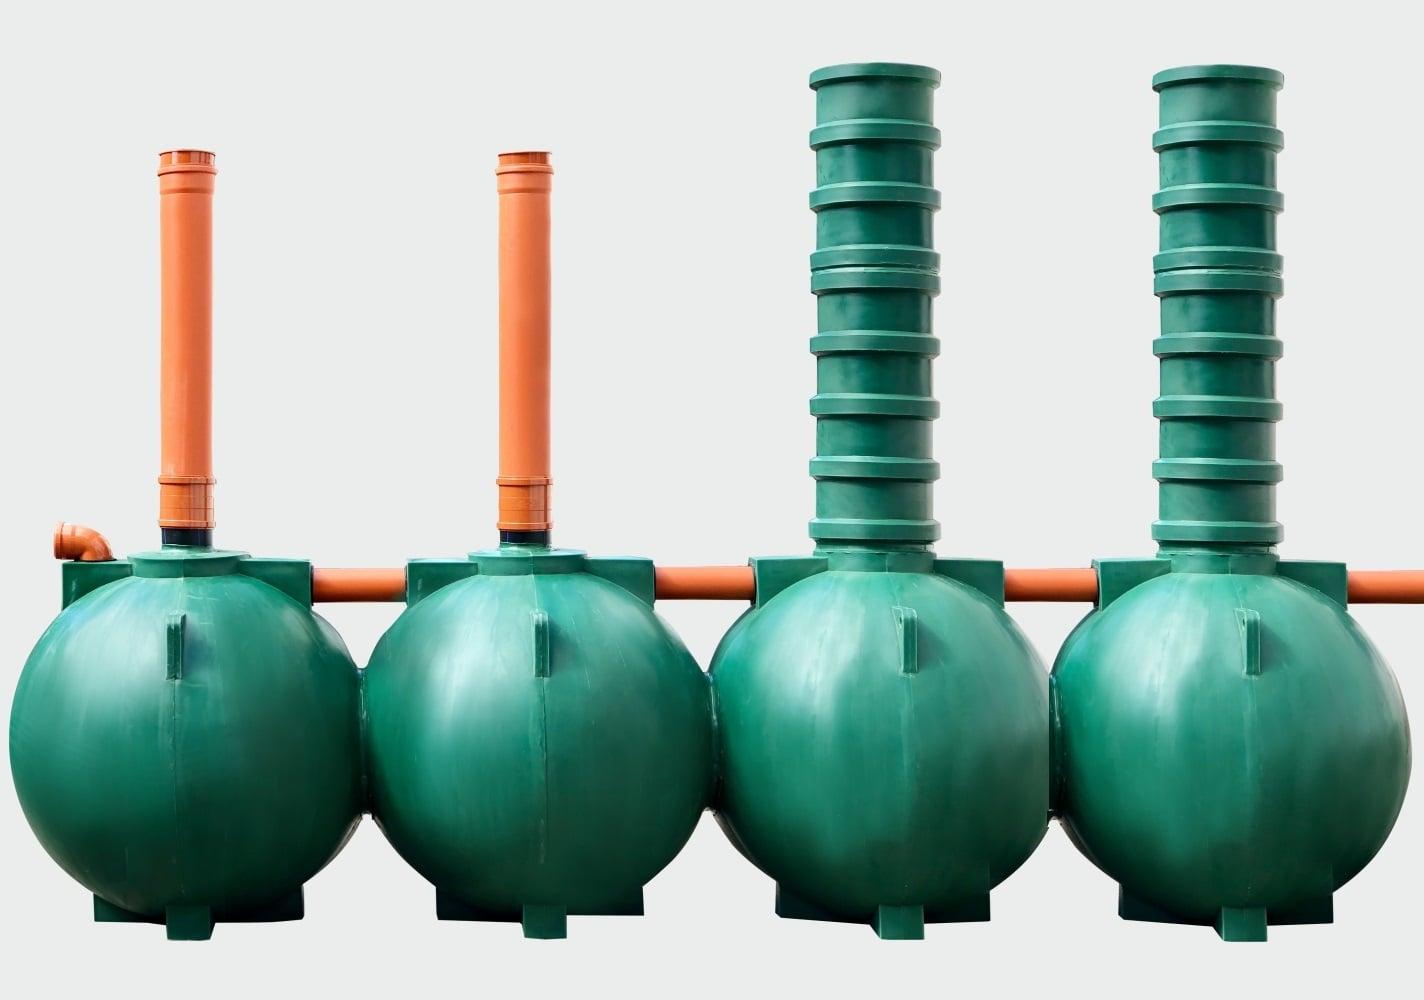 Септик Чистовод-10-шар для очистки канализационных сточных вод коттеджа или частного дома